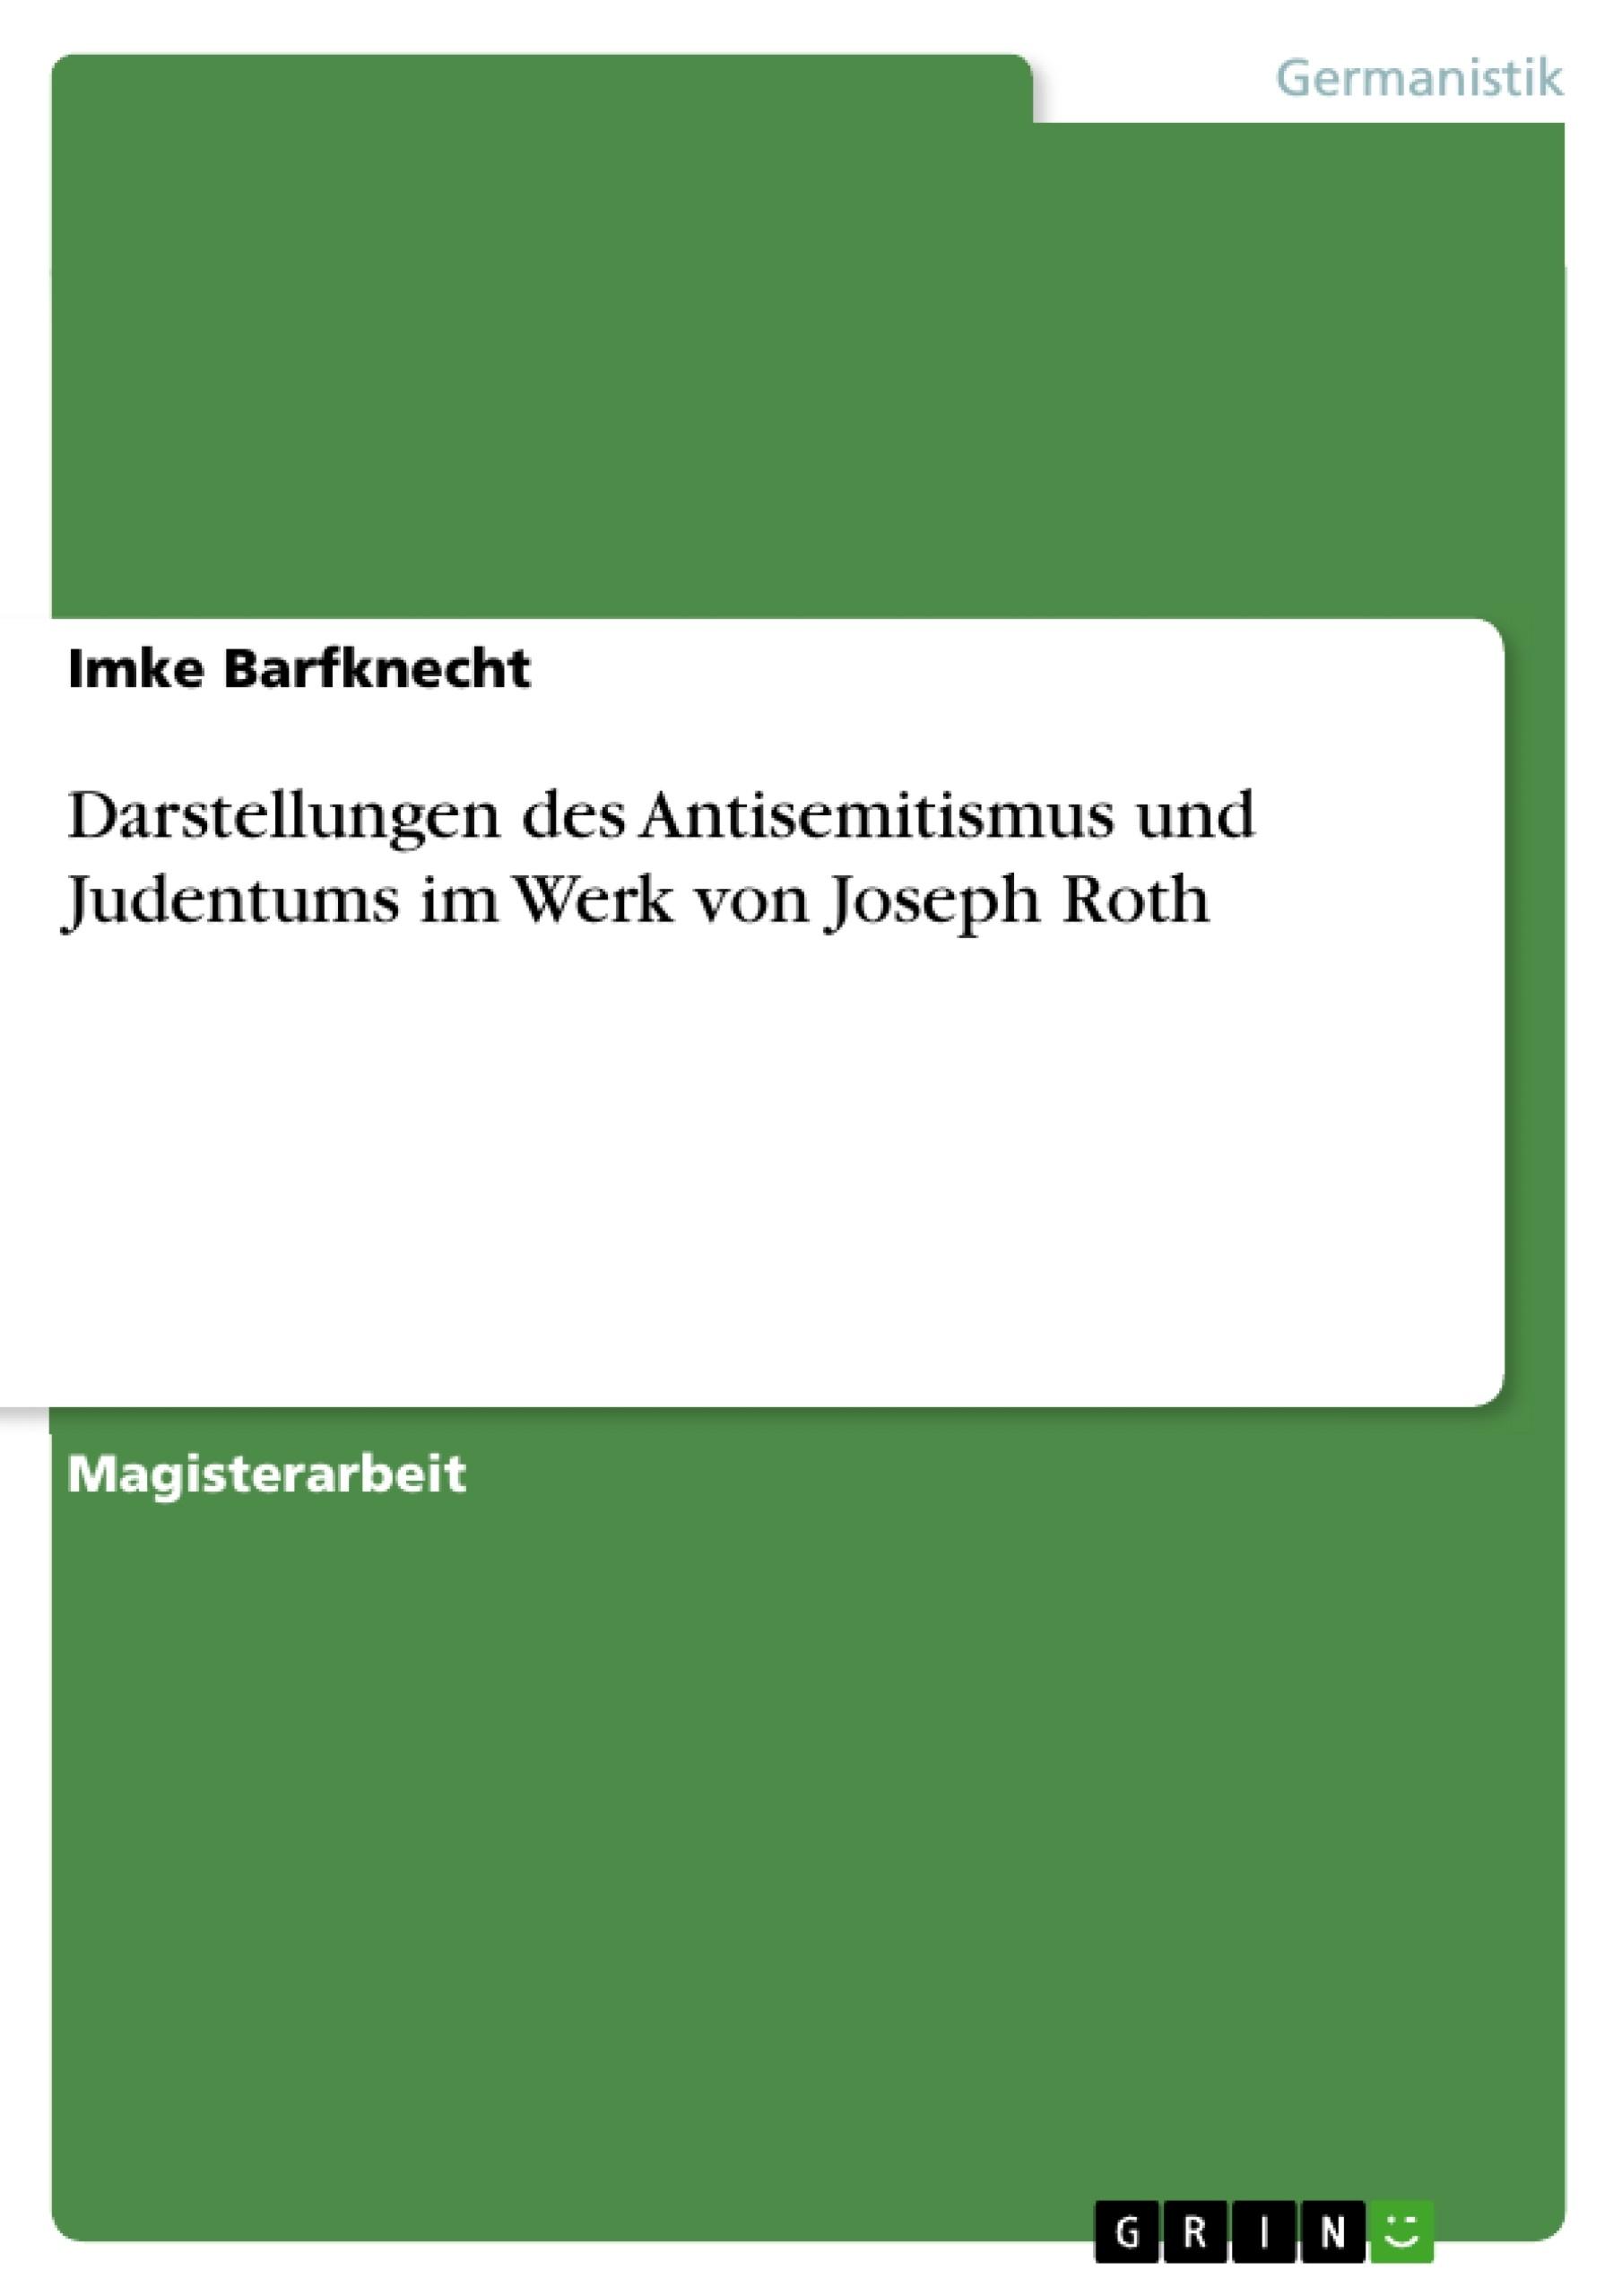 Titel: Darstellungen des Antisemitismus und Judentums im Werk von Joseph Roth